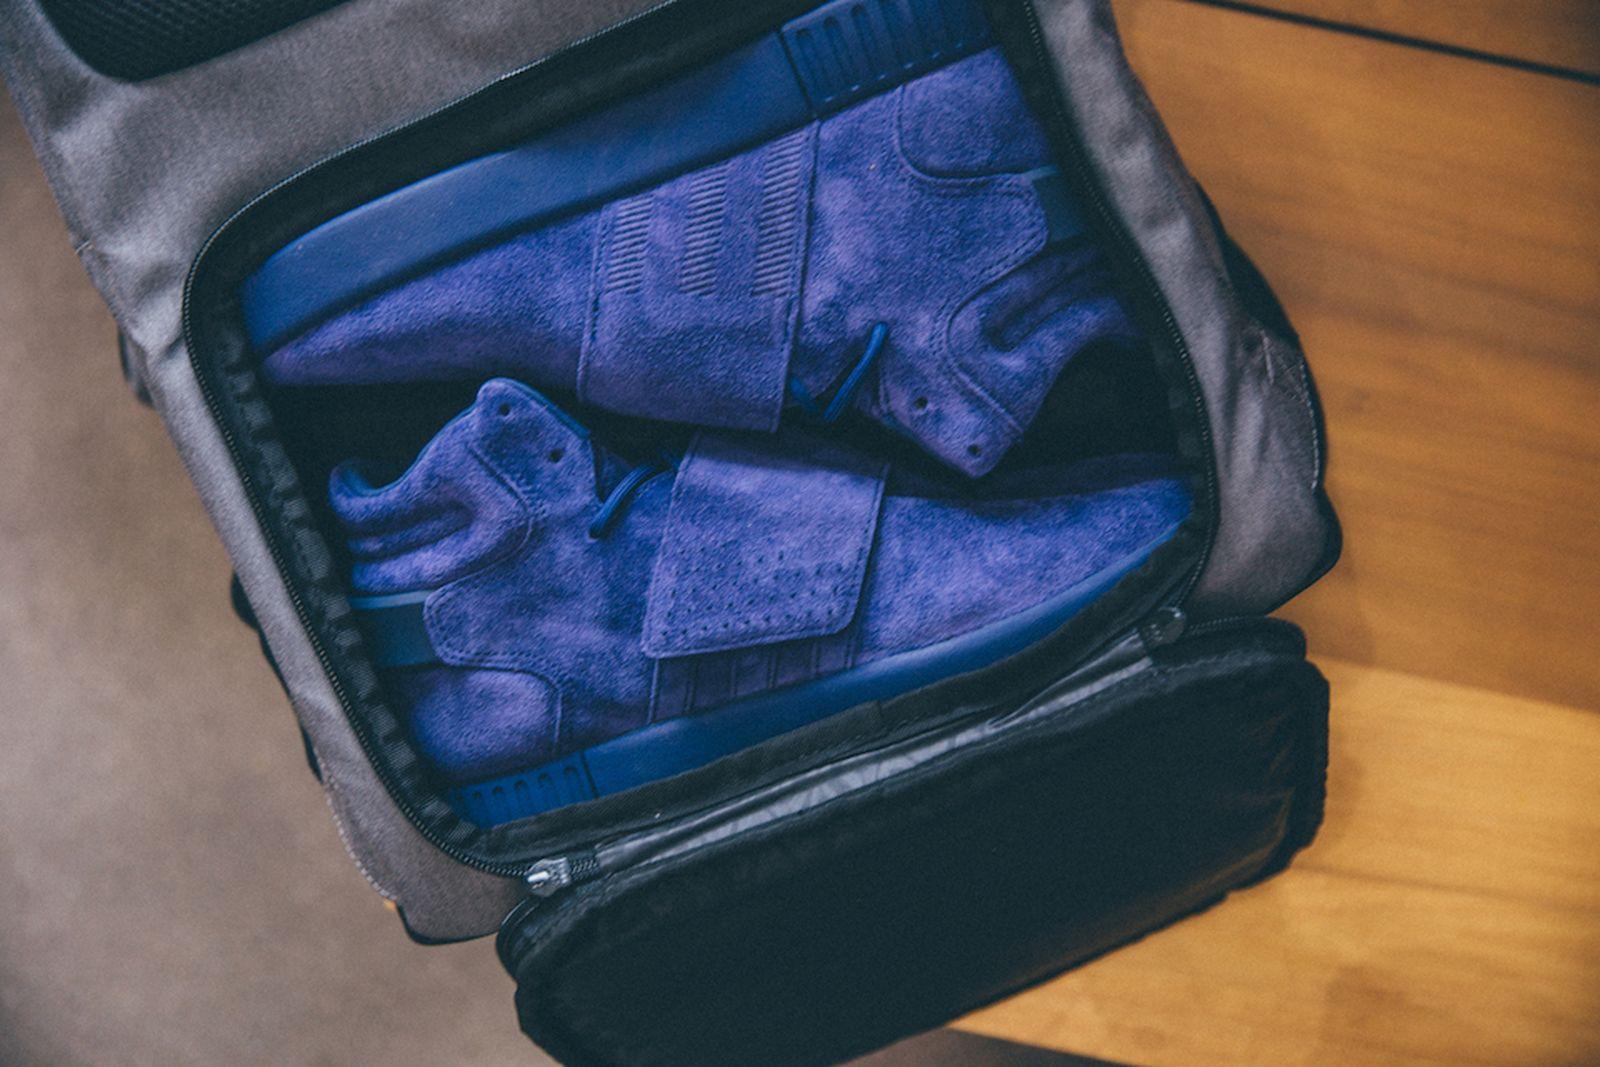 HEX-SneakerBackpack-007